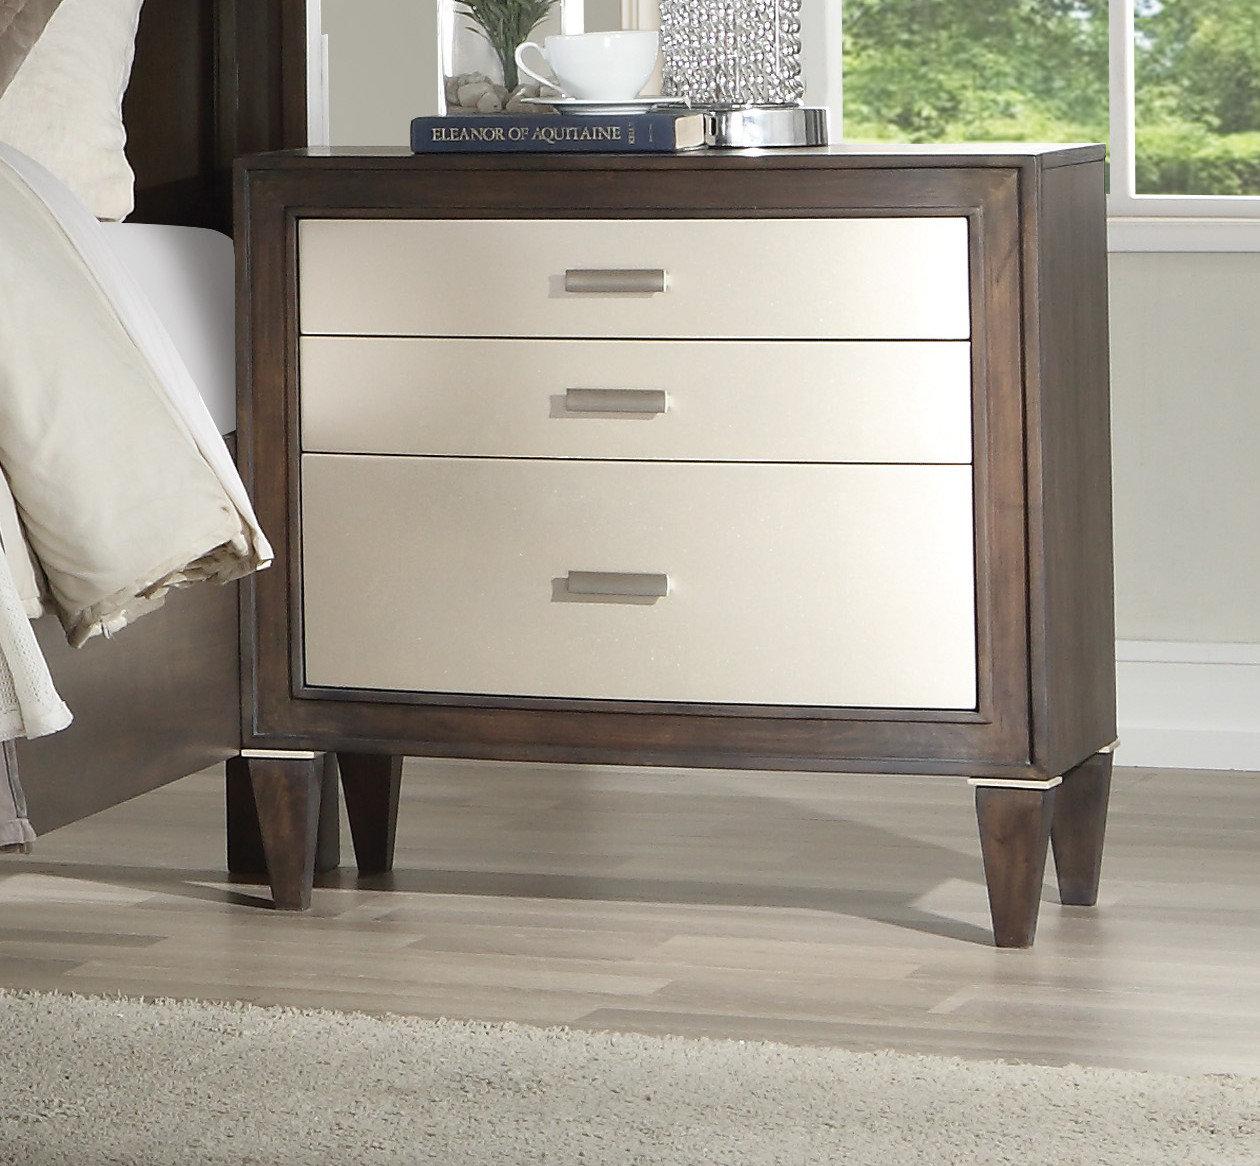 Bernards Bellamy 3 Drawer Bedroom Nightstand in Espresso Wood